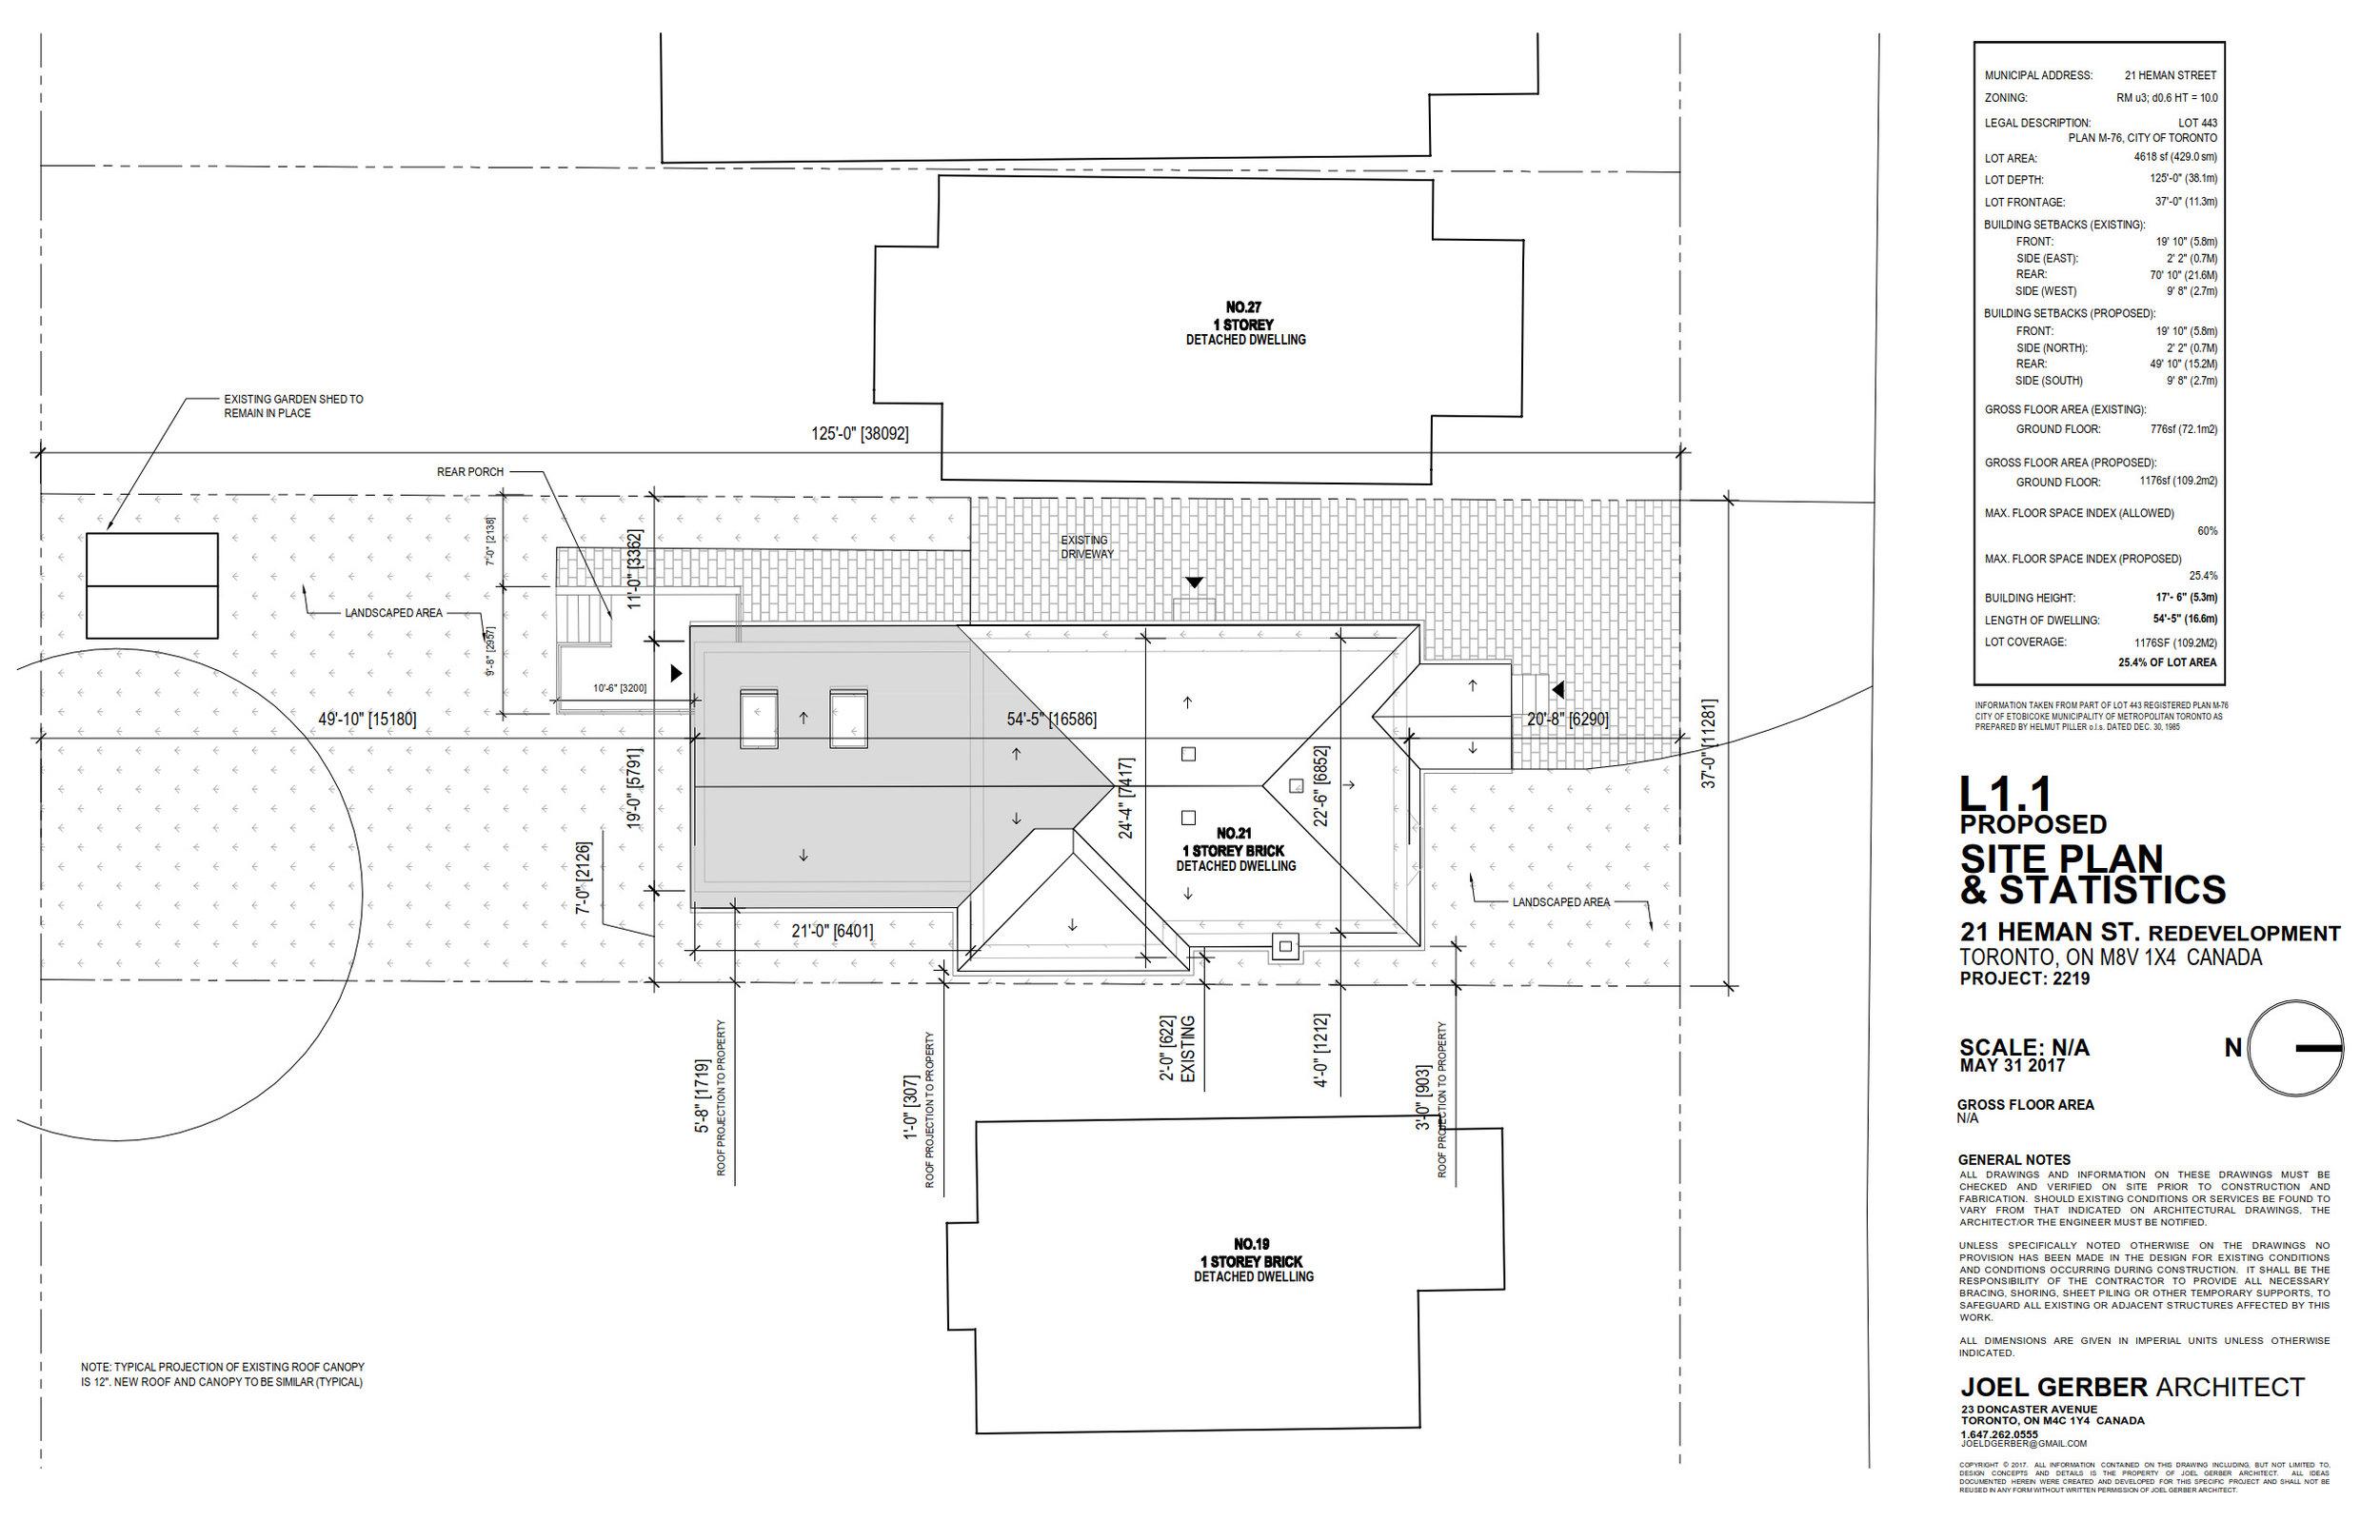 Drawing, Plan, Site